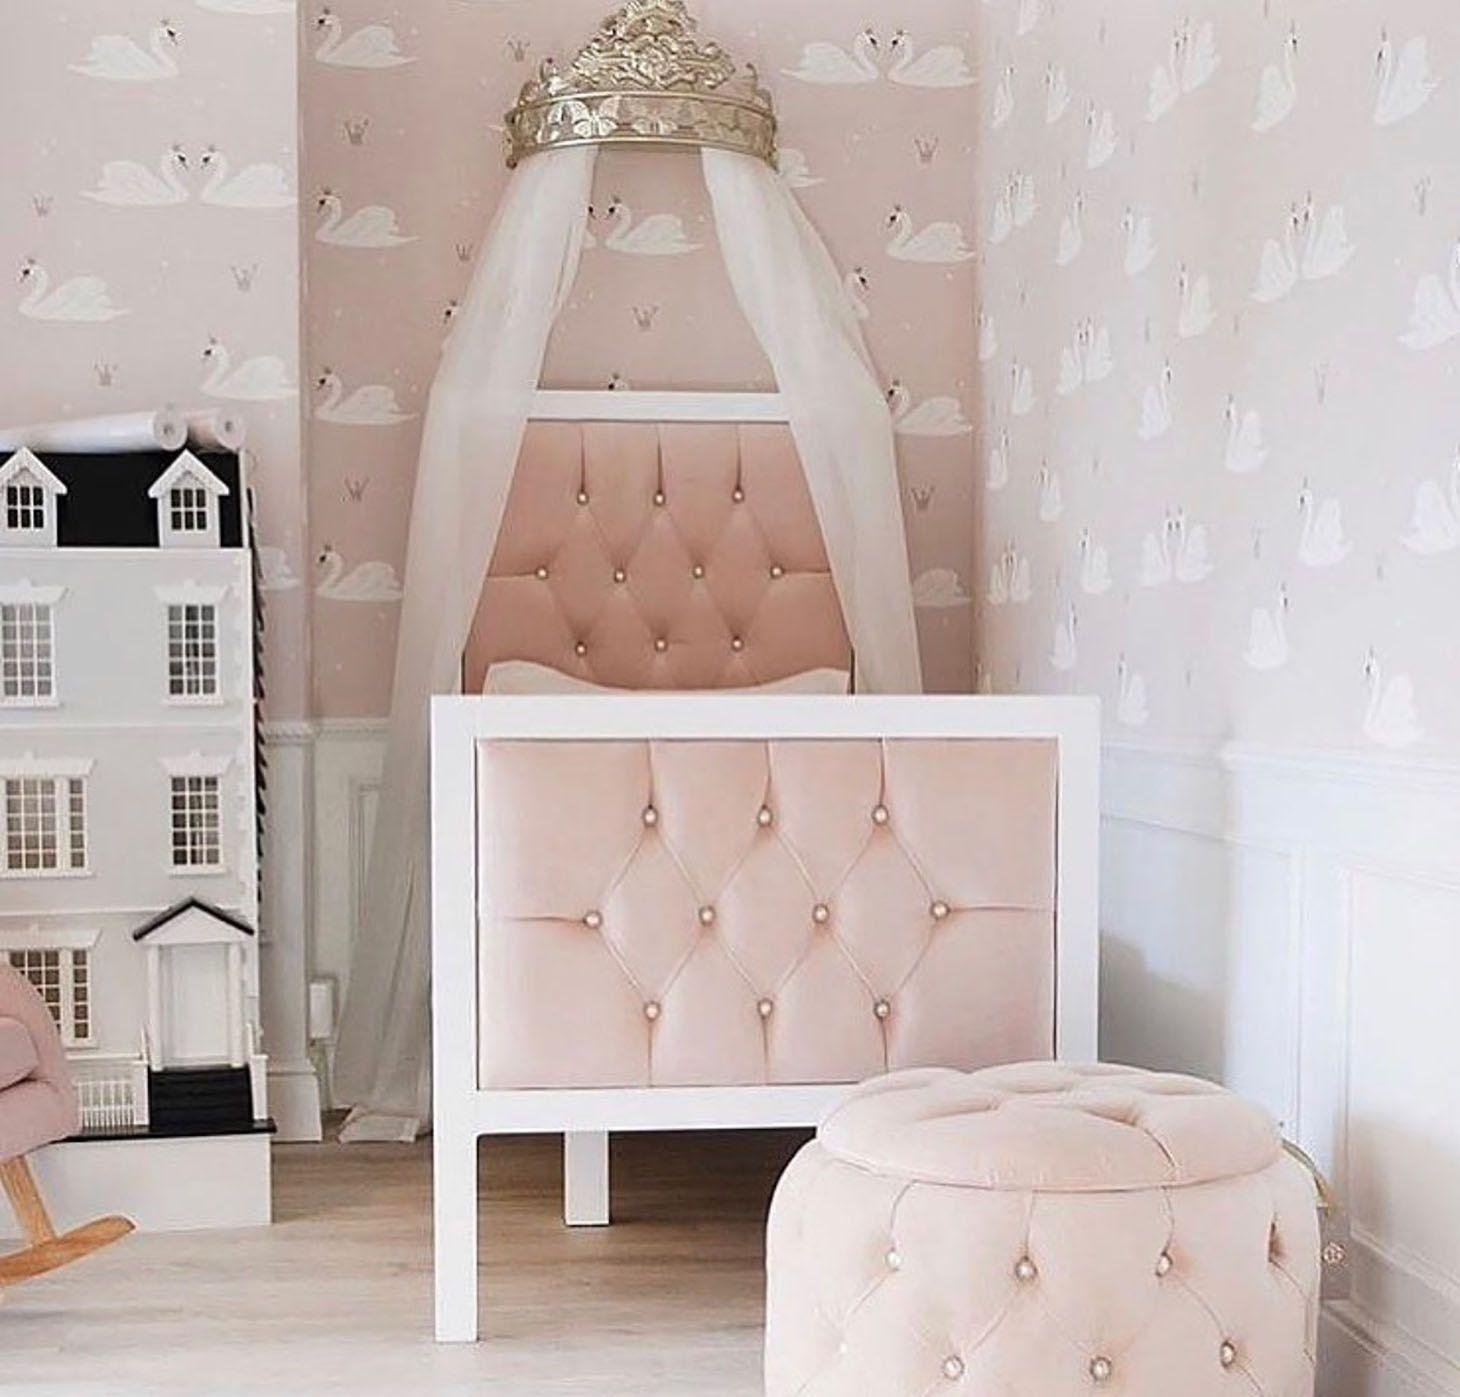 Our Little Girl's Dreamy Nursery Design Inspo Toddler